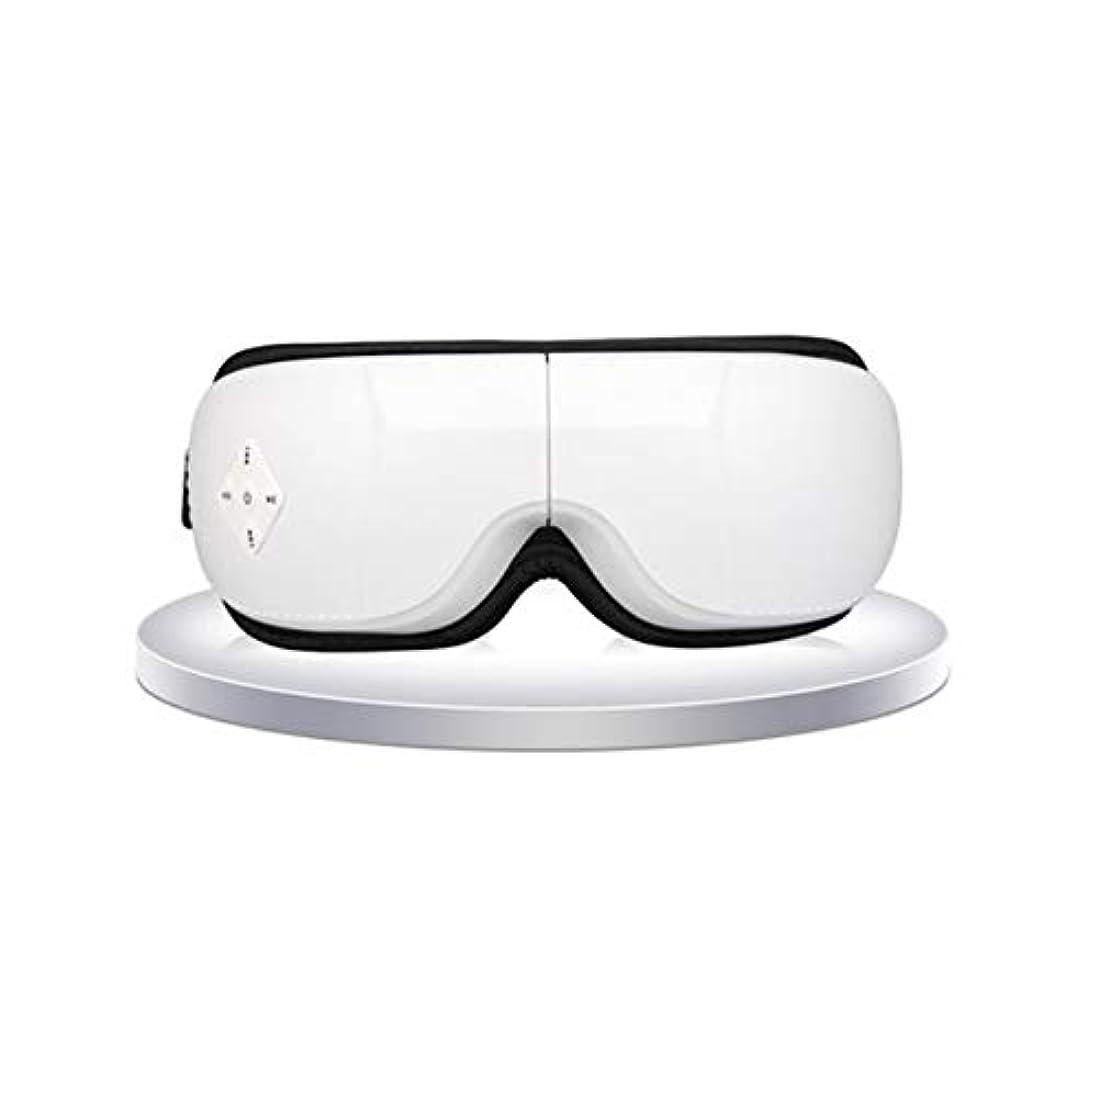 たくさんエンゲージメントスケジュールマッサージャーマッサージアイプロテクターホットアイマスク疲労緩和マッサージ (Color : White)